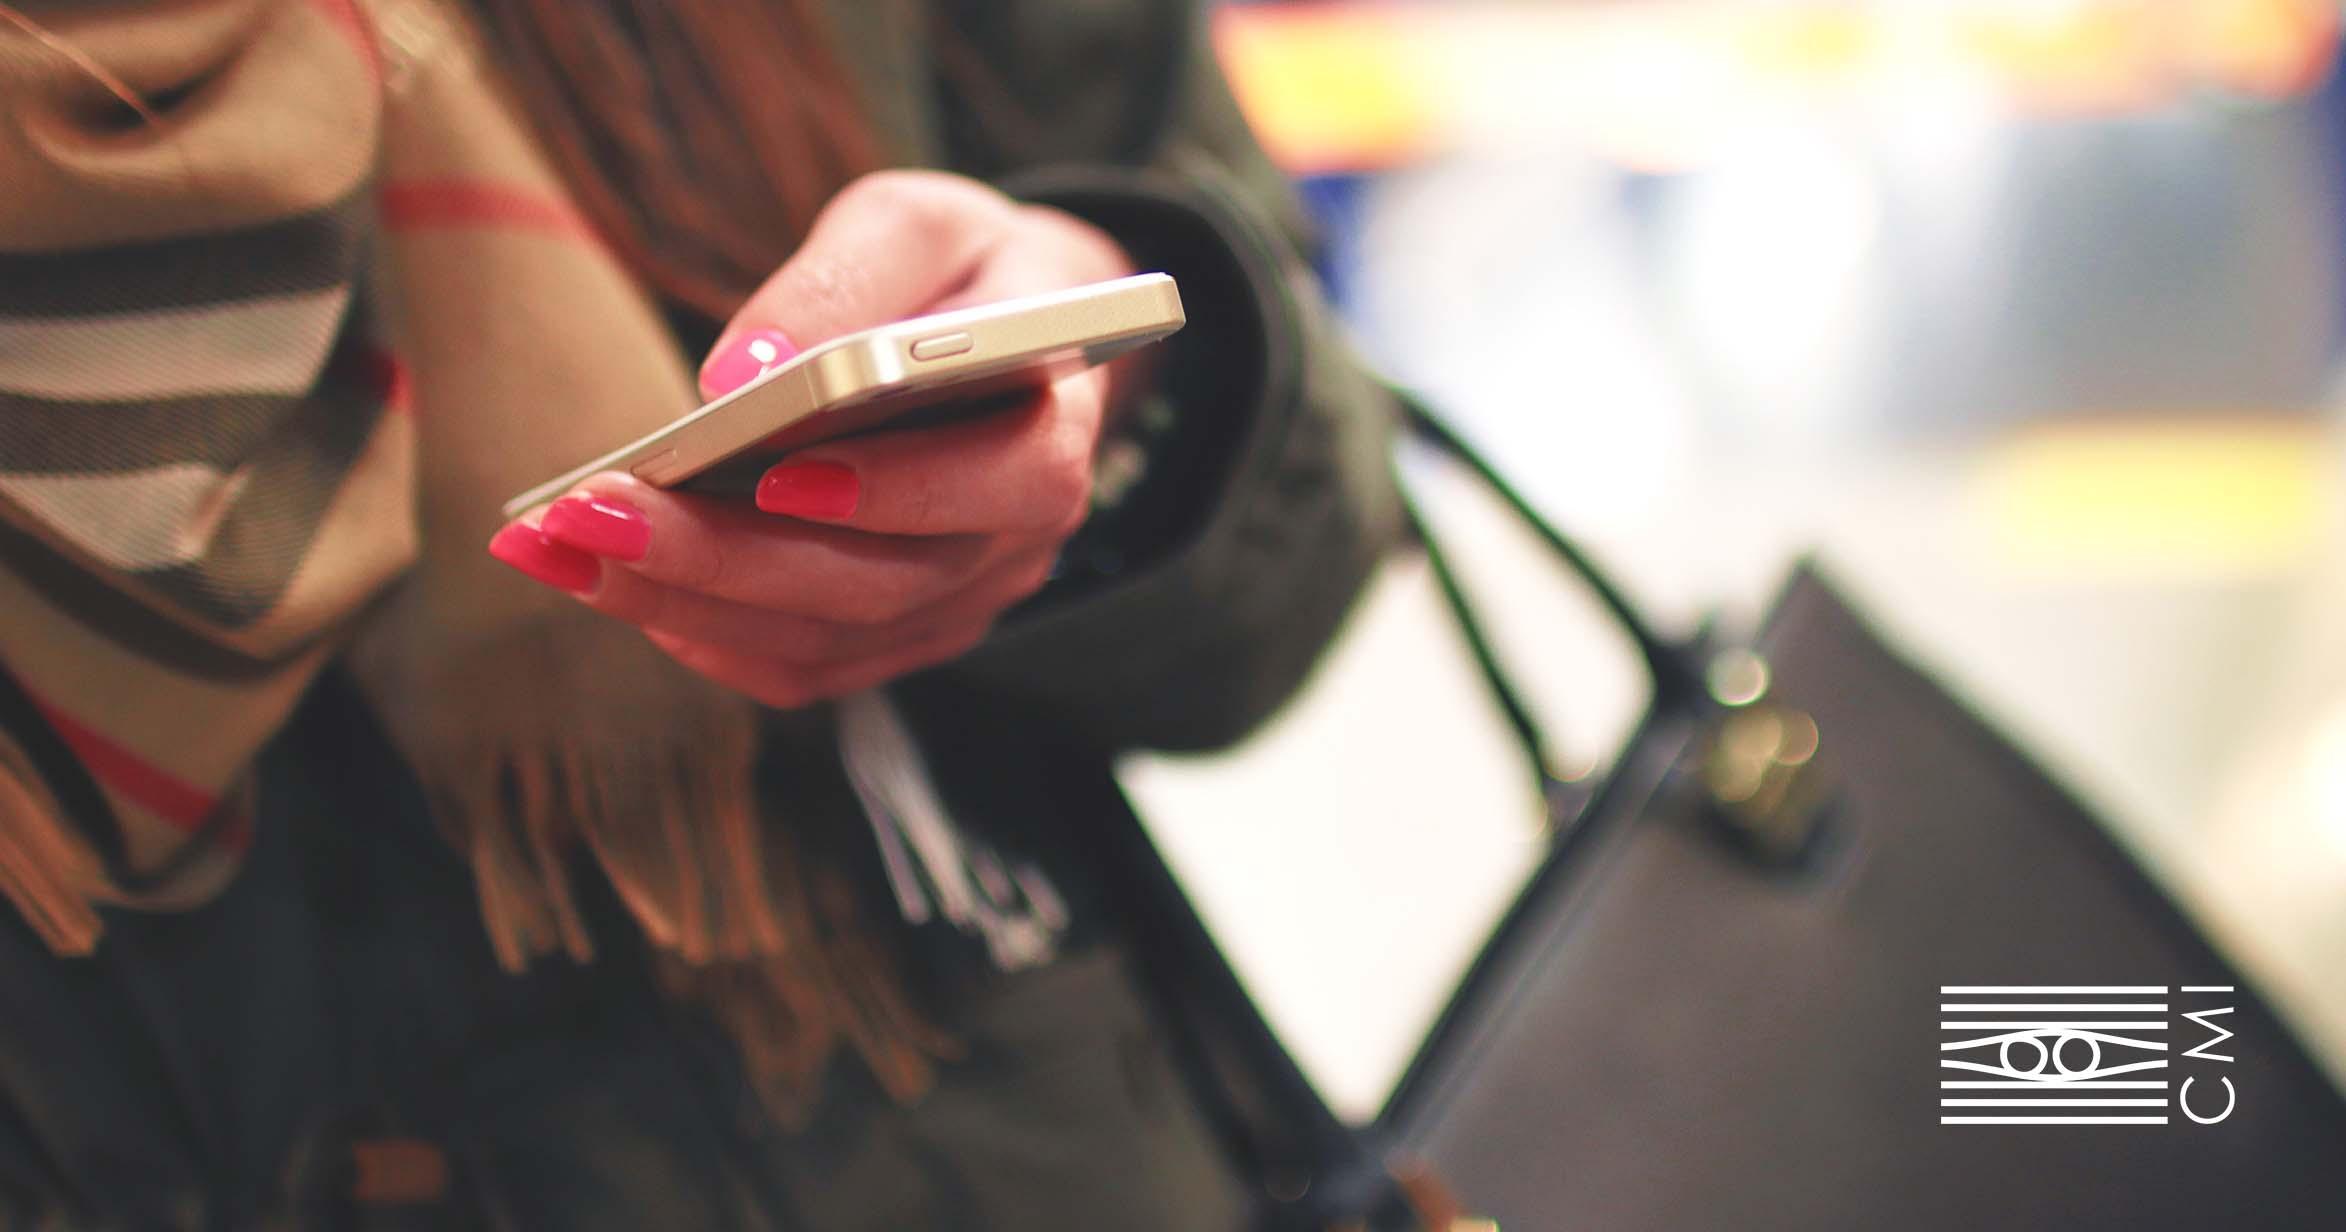 ascolto della rete - reputazione a rischio - brand reputation, reputazione online